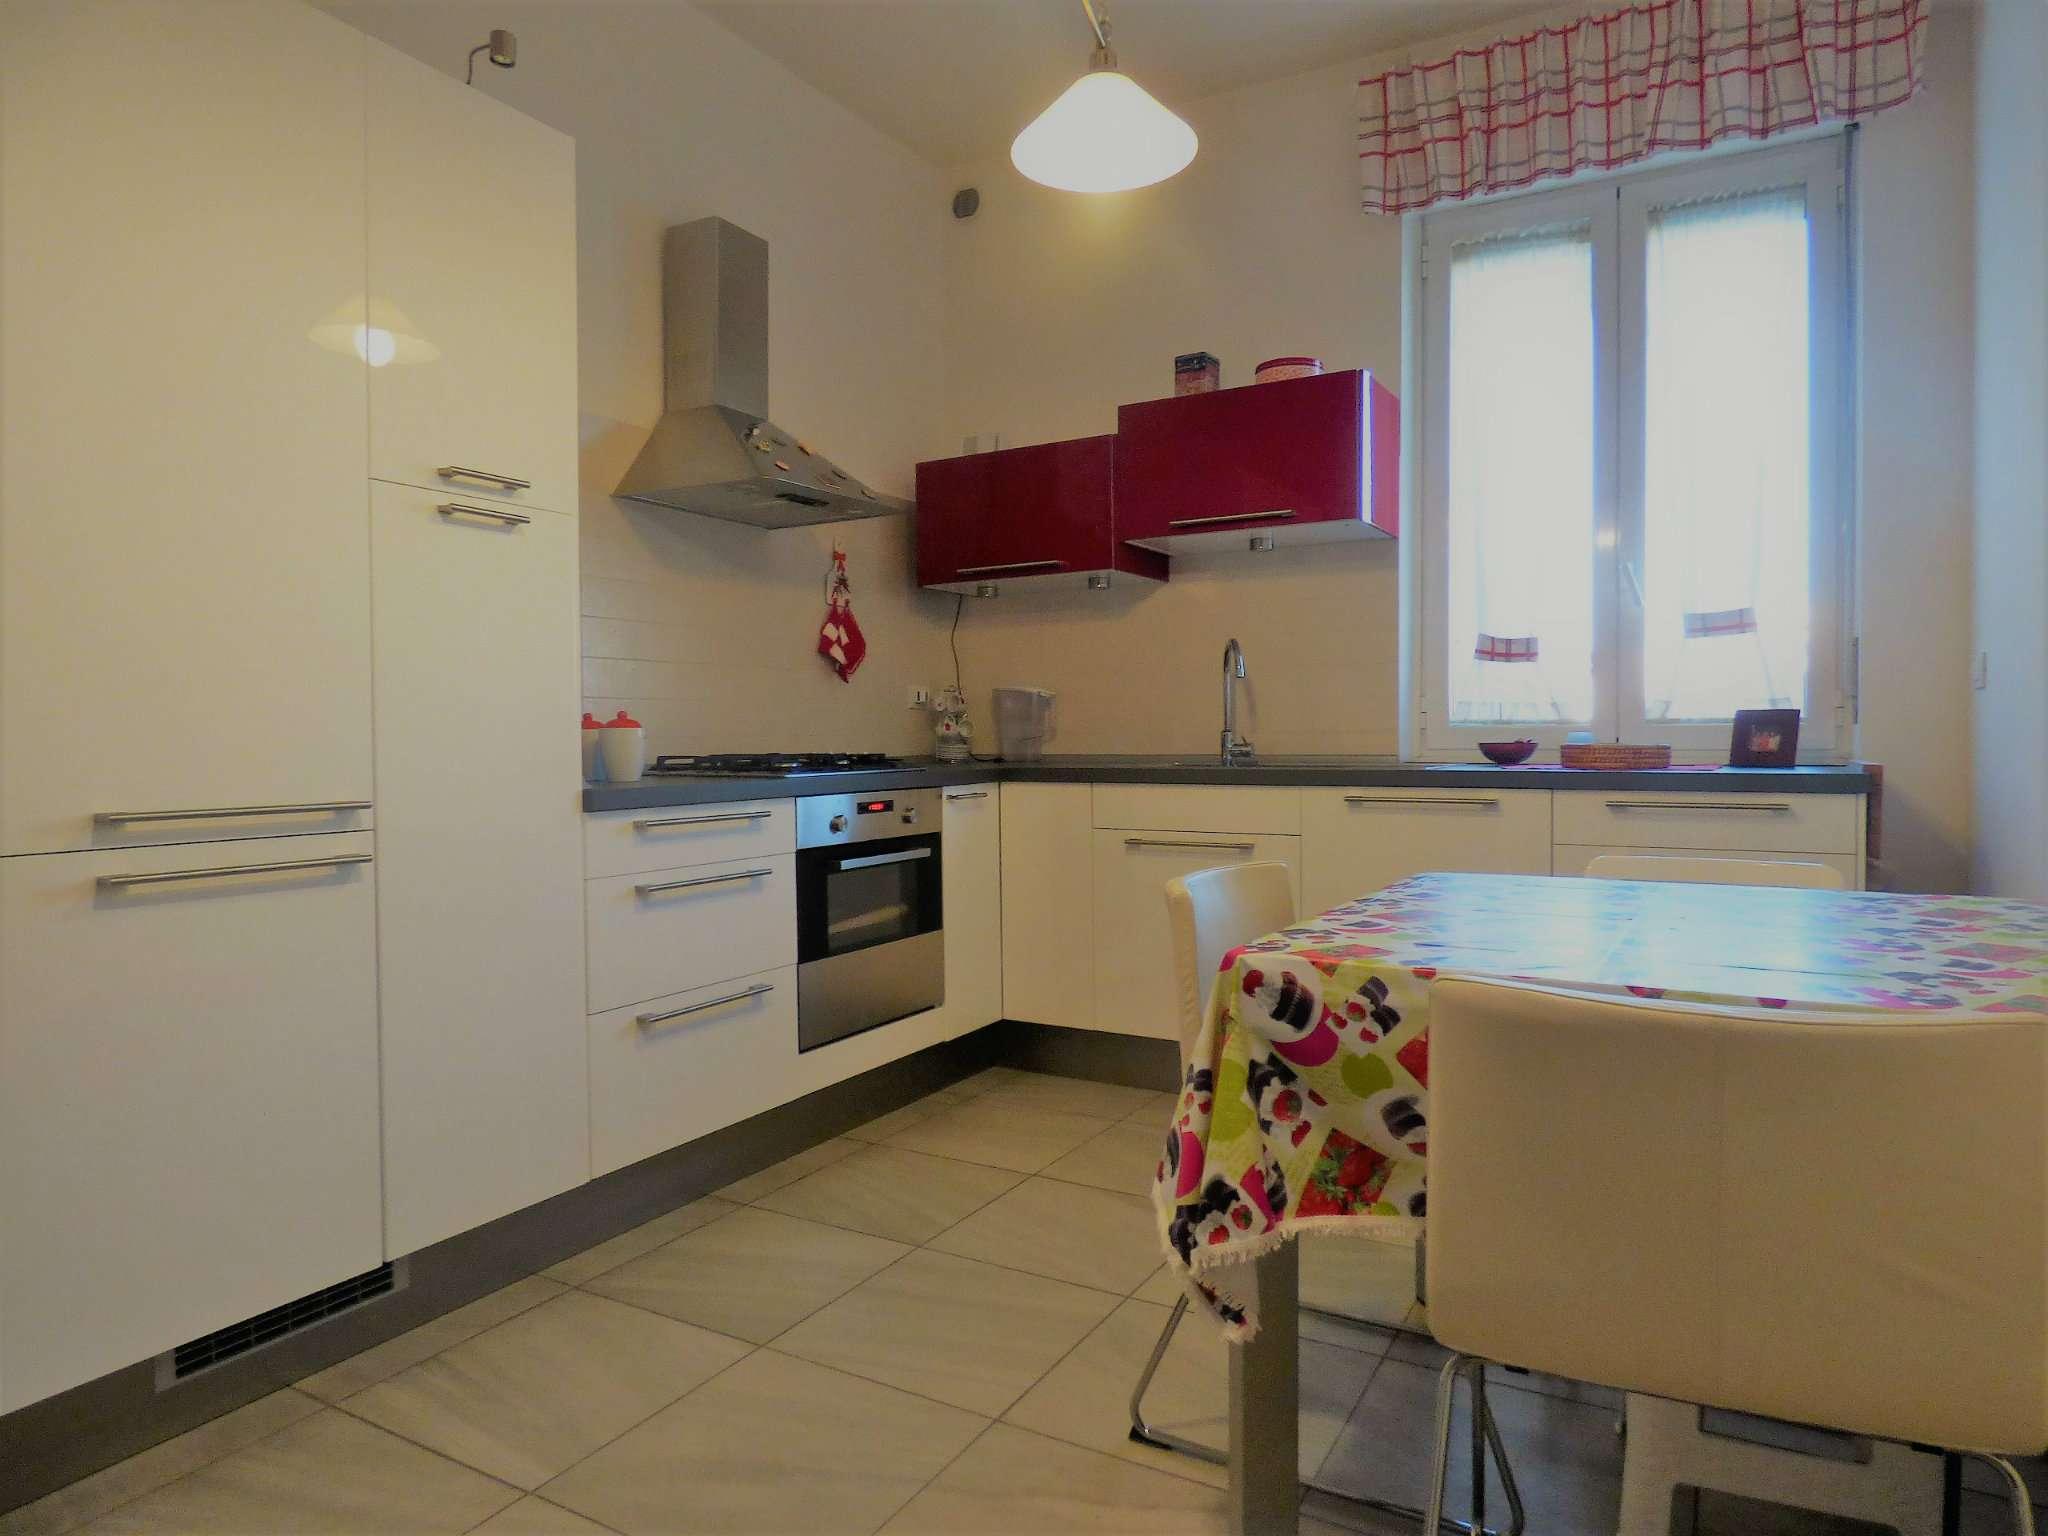 Appartamento in vendita a milano via volvinio trovocasa for Fontana arredamenti milano via tibaldi